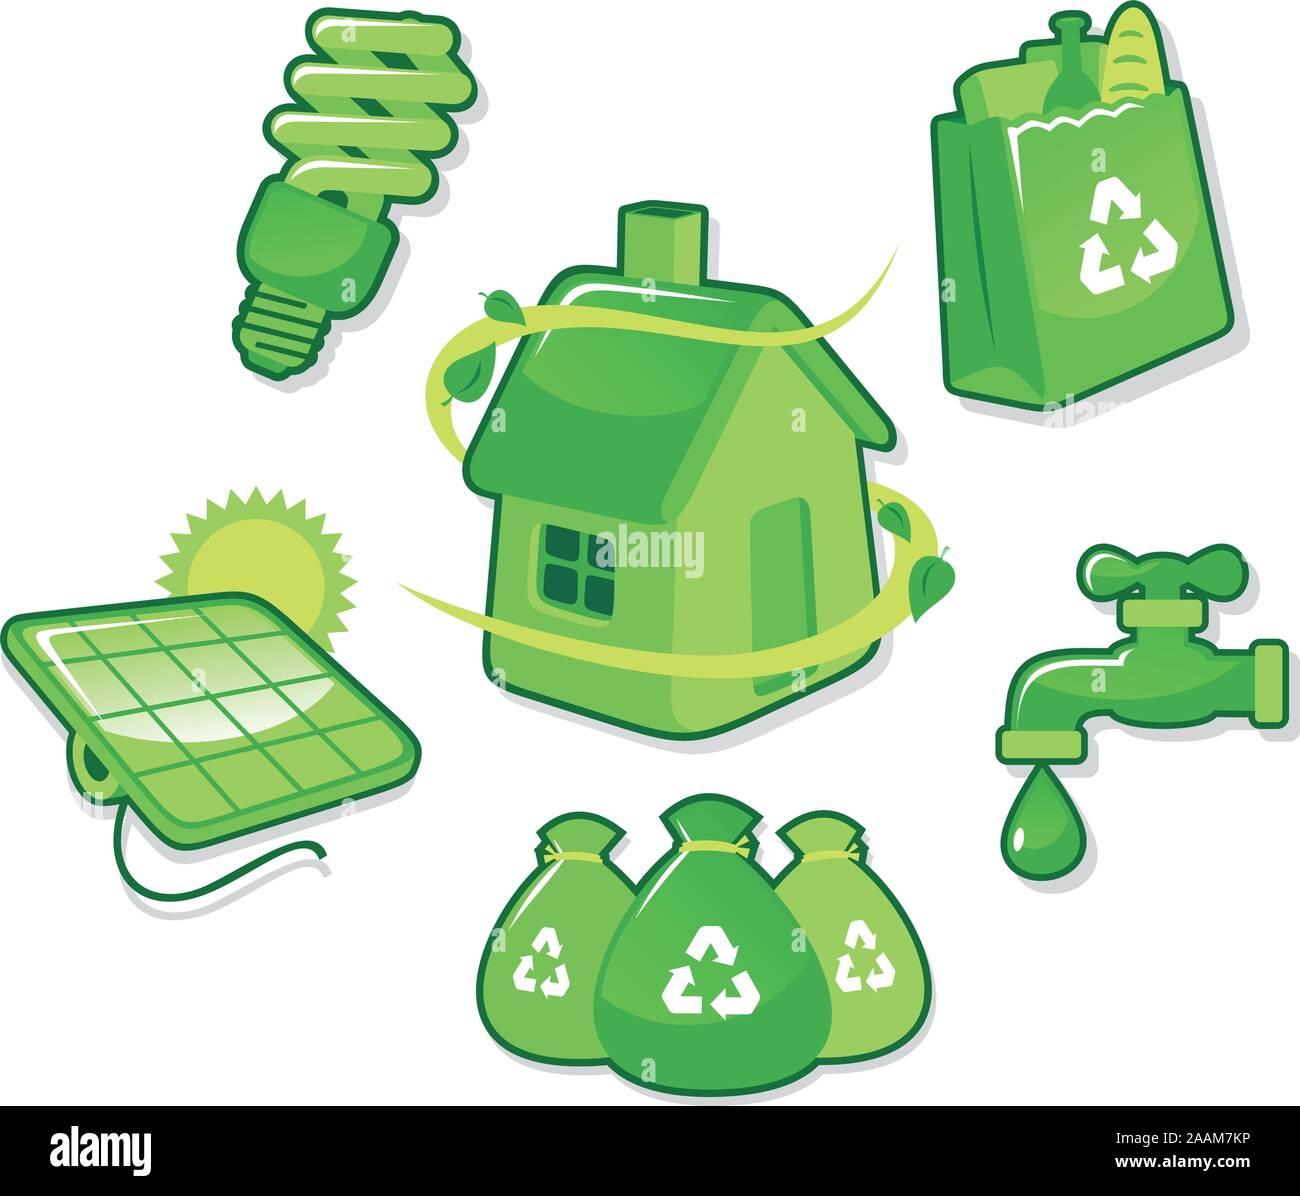 Ecologic Ecologist Ecology Ecological Environmental Life Icons, with ecology light bulb, ecology bag, ecology house, ecology solar panel, ecology Stock Vector